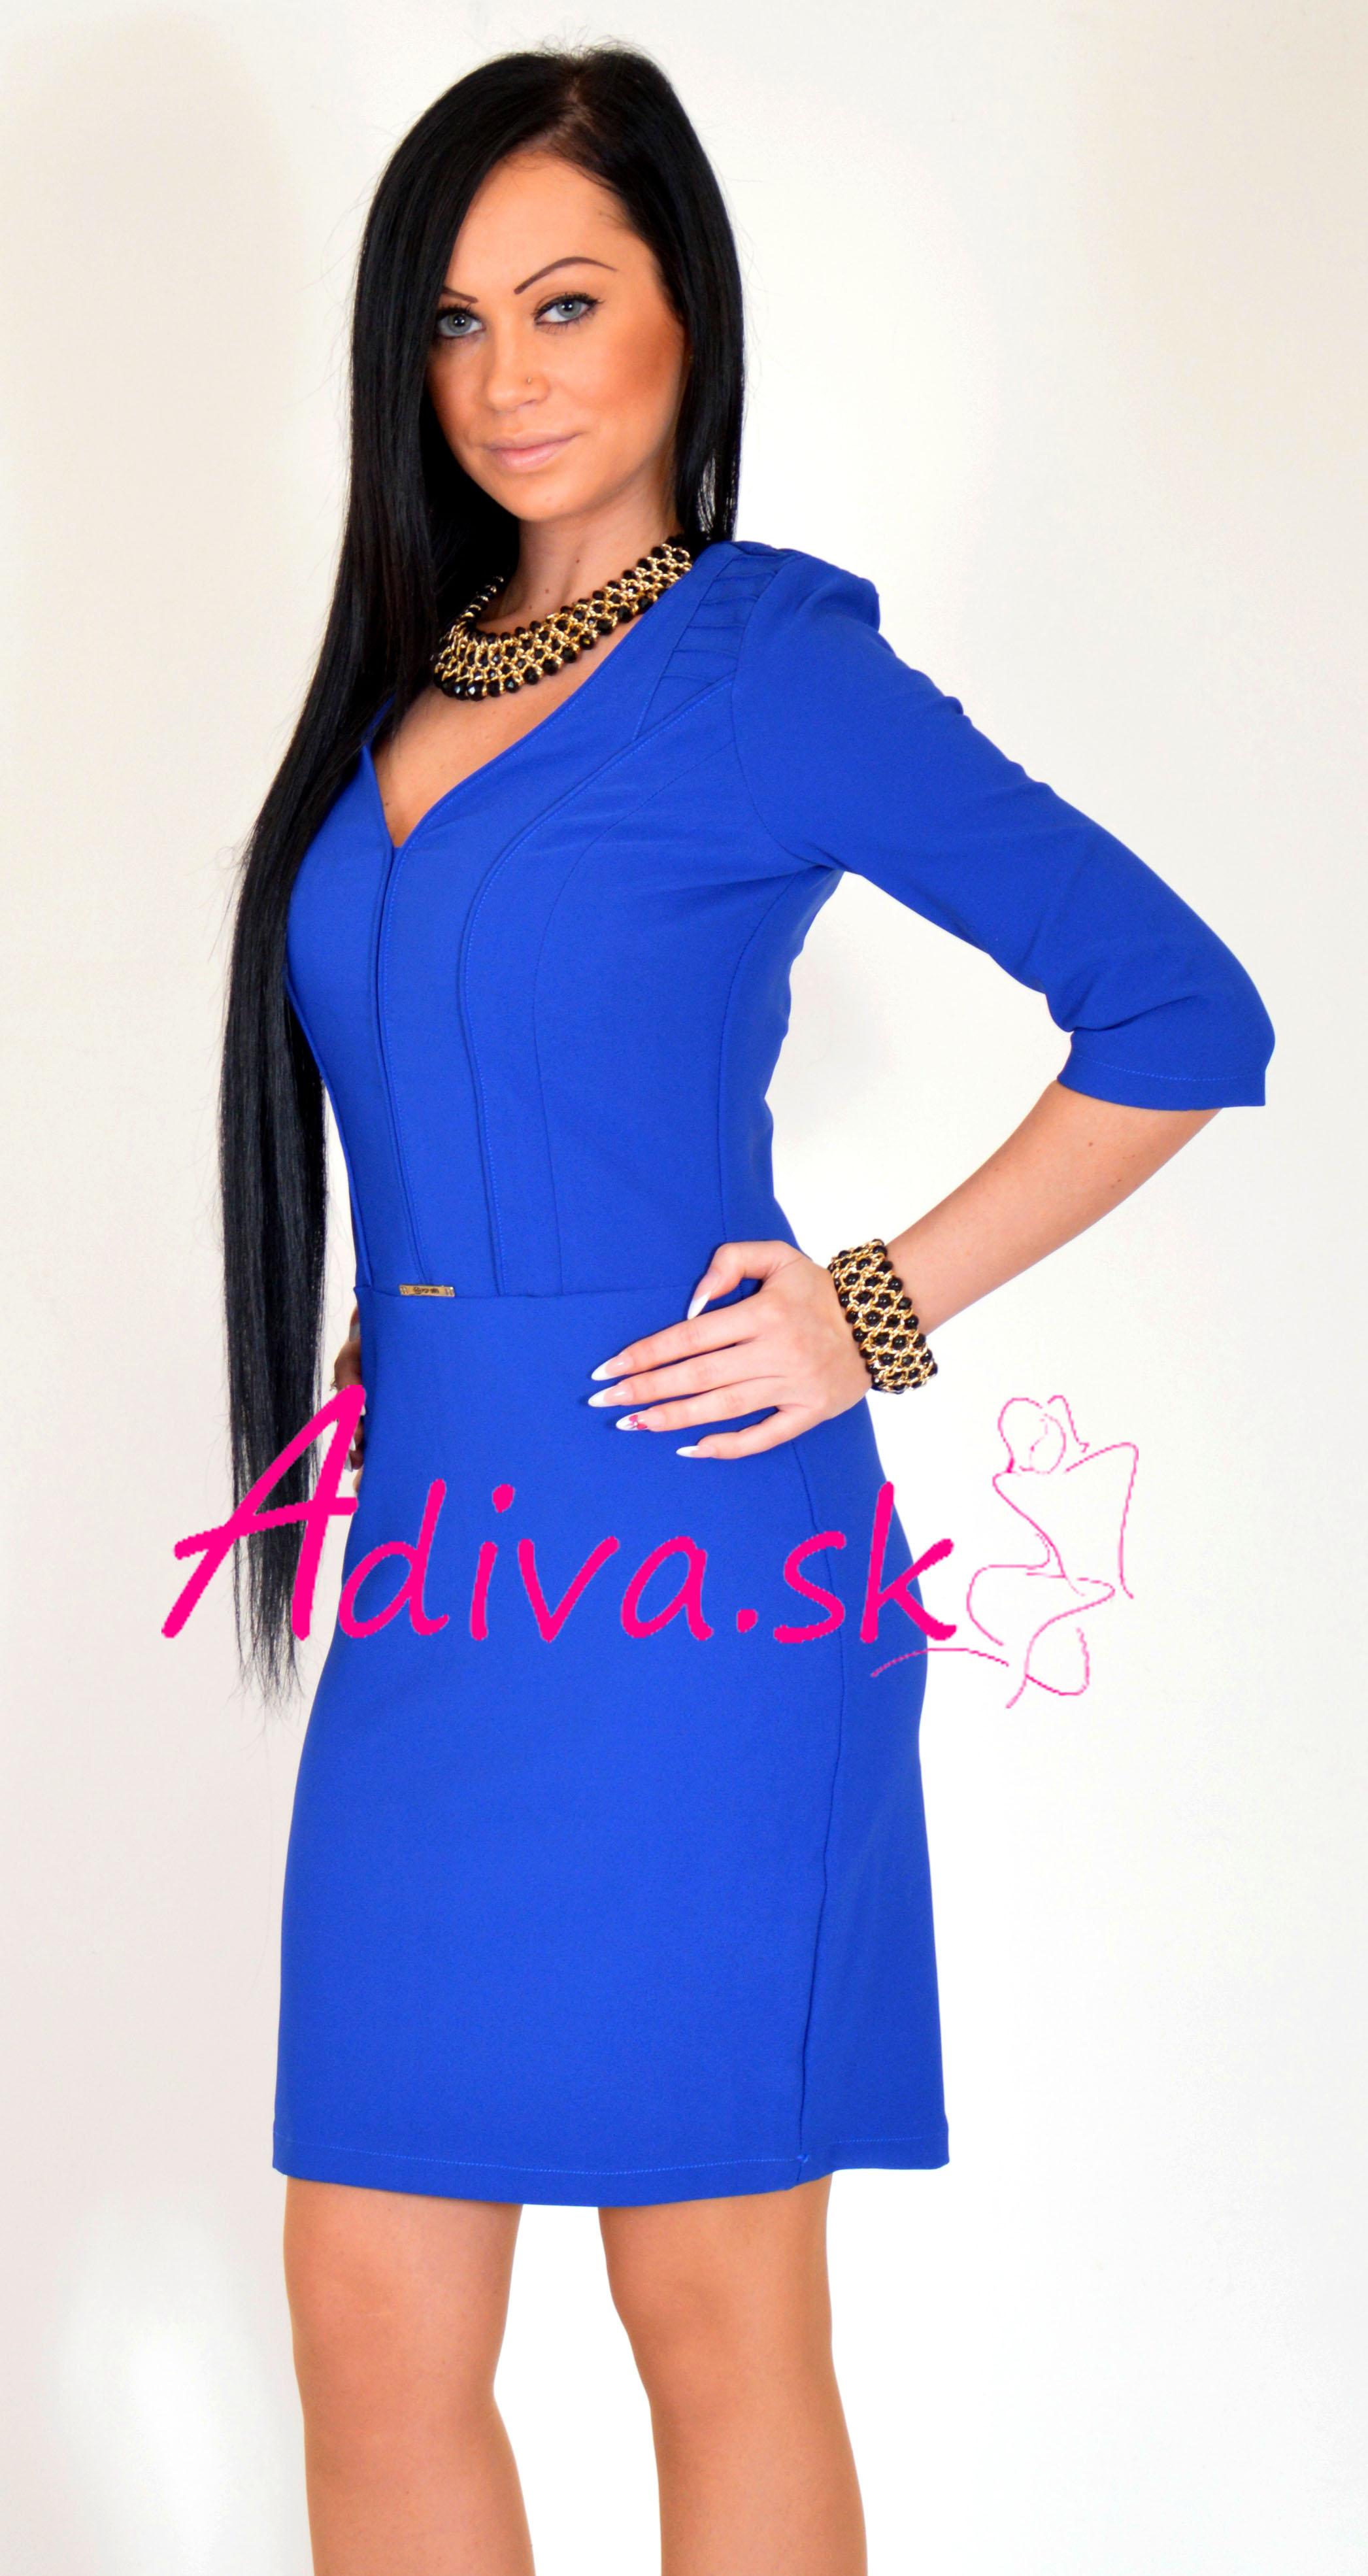 d8e26f09eb74 elegantné modré šaty elegantne šaty modré šaty